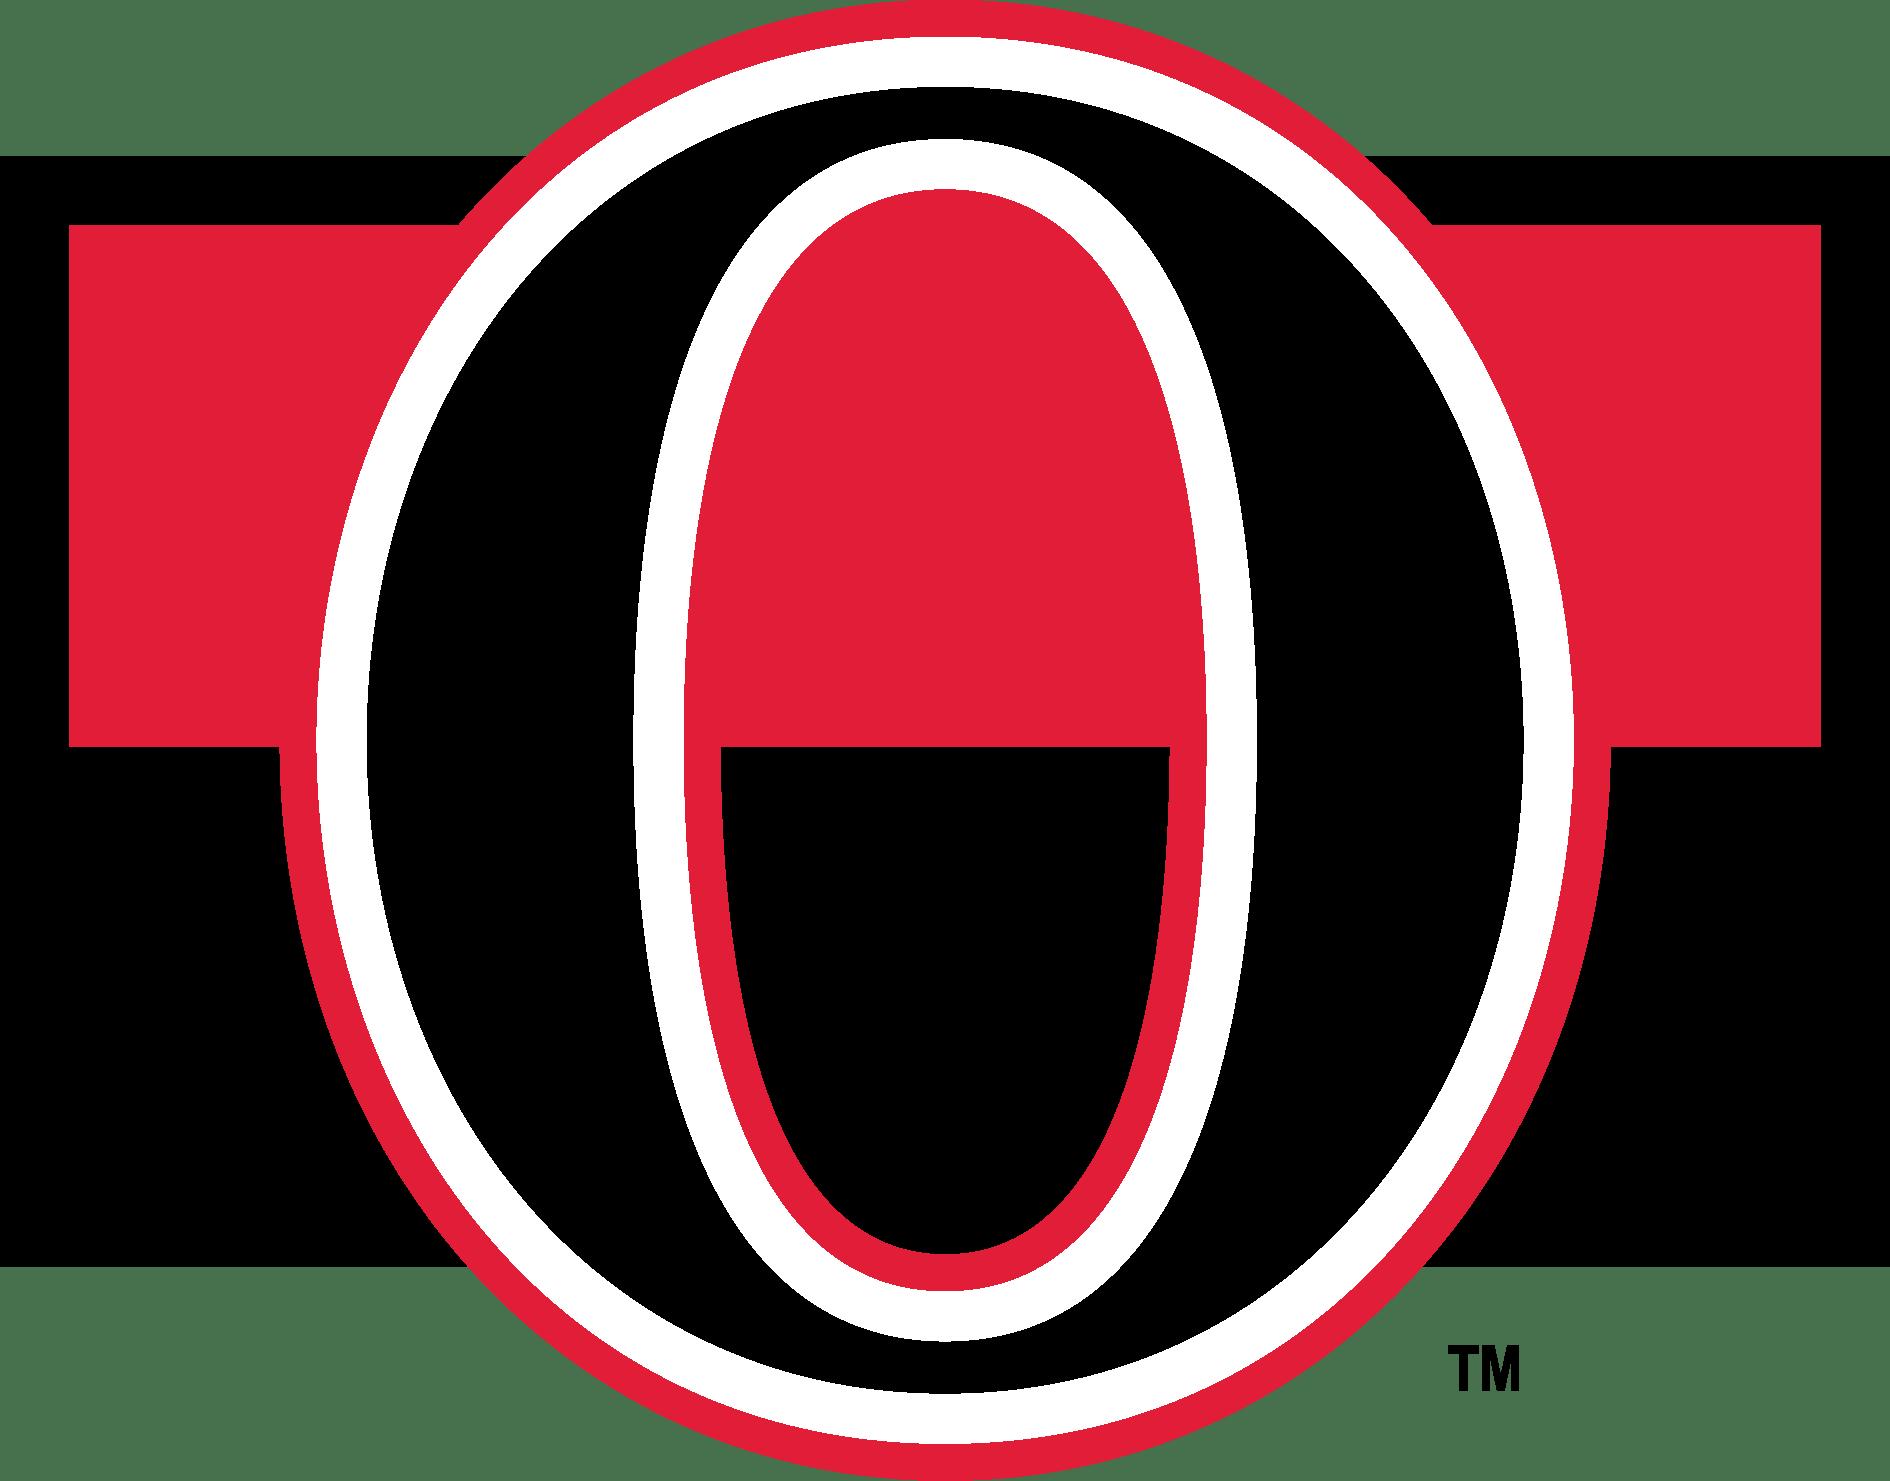 Ottawa Senators Logo [NHL]